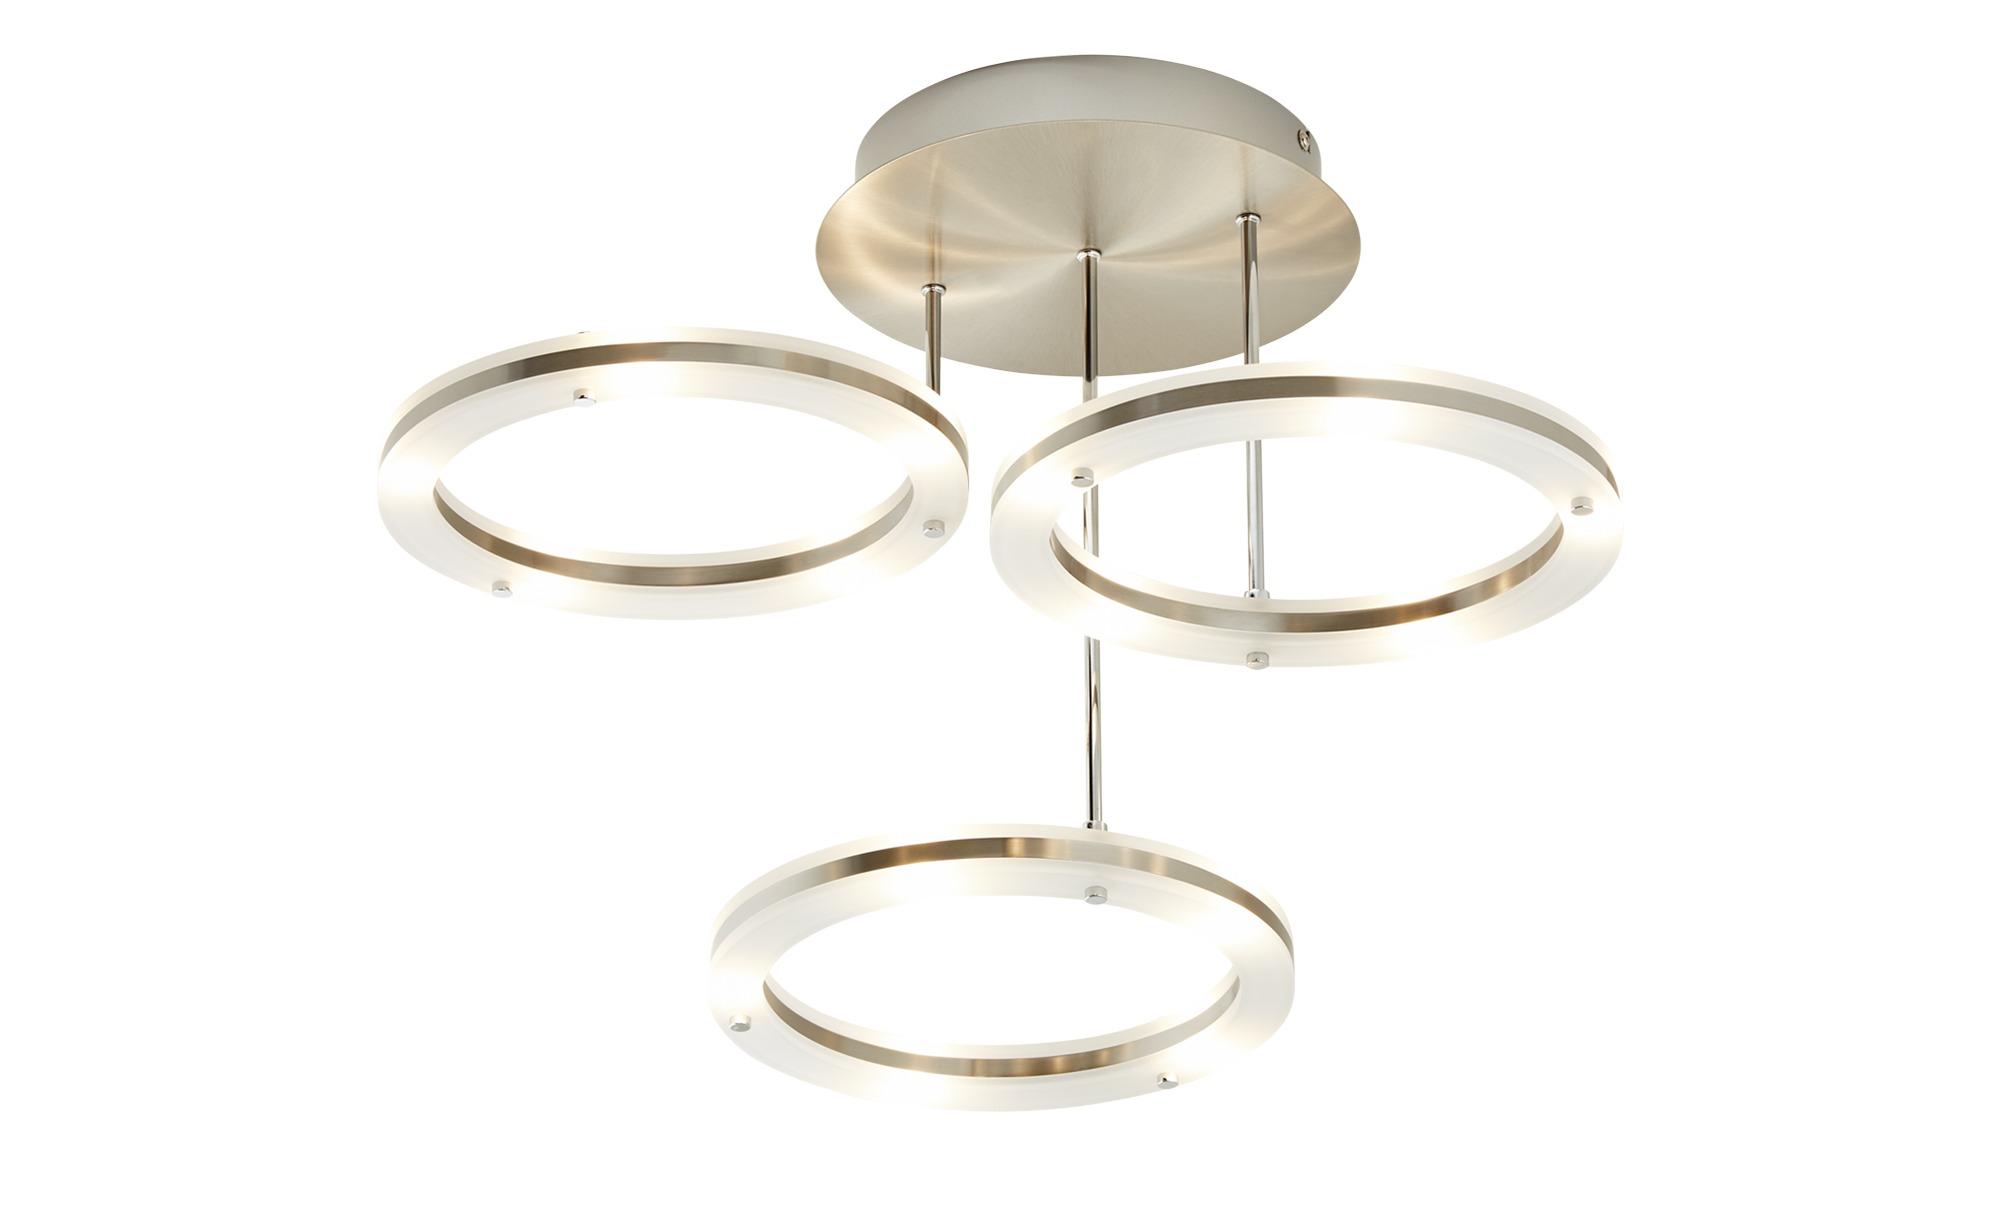 LED-Deckenleuchte, nickelmatt ¦ silber ¦ Maße (cm): H: 37 Ø: [55.0] Lampen & Leuchten > Innenleuchten > Deckenleuchten - Höffner